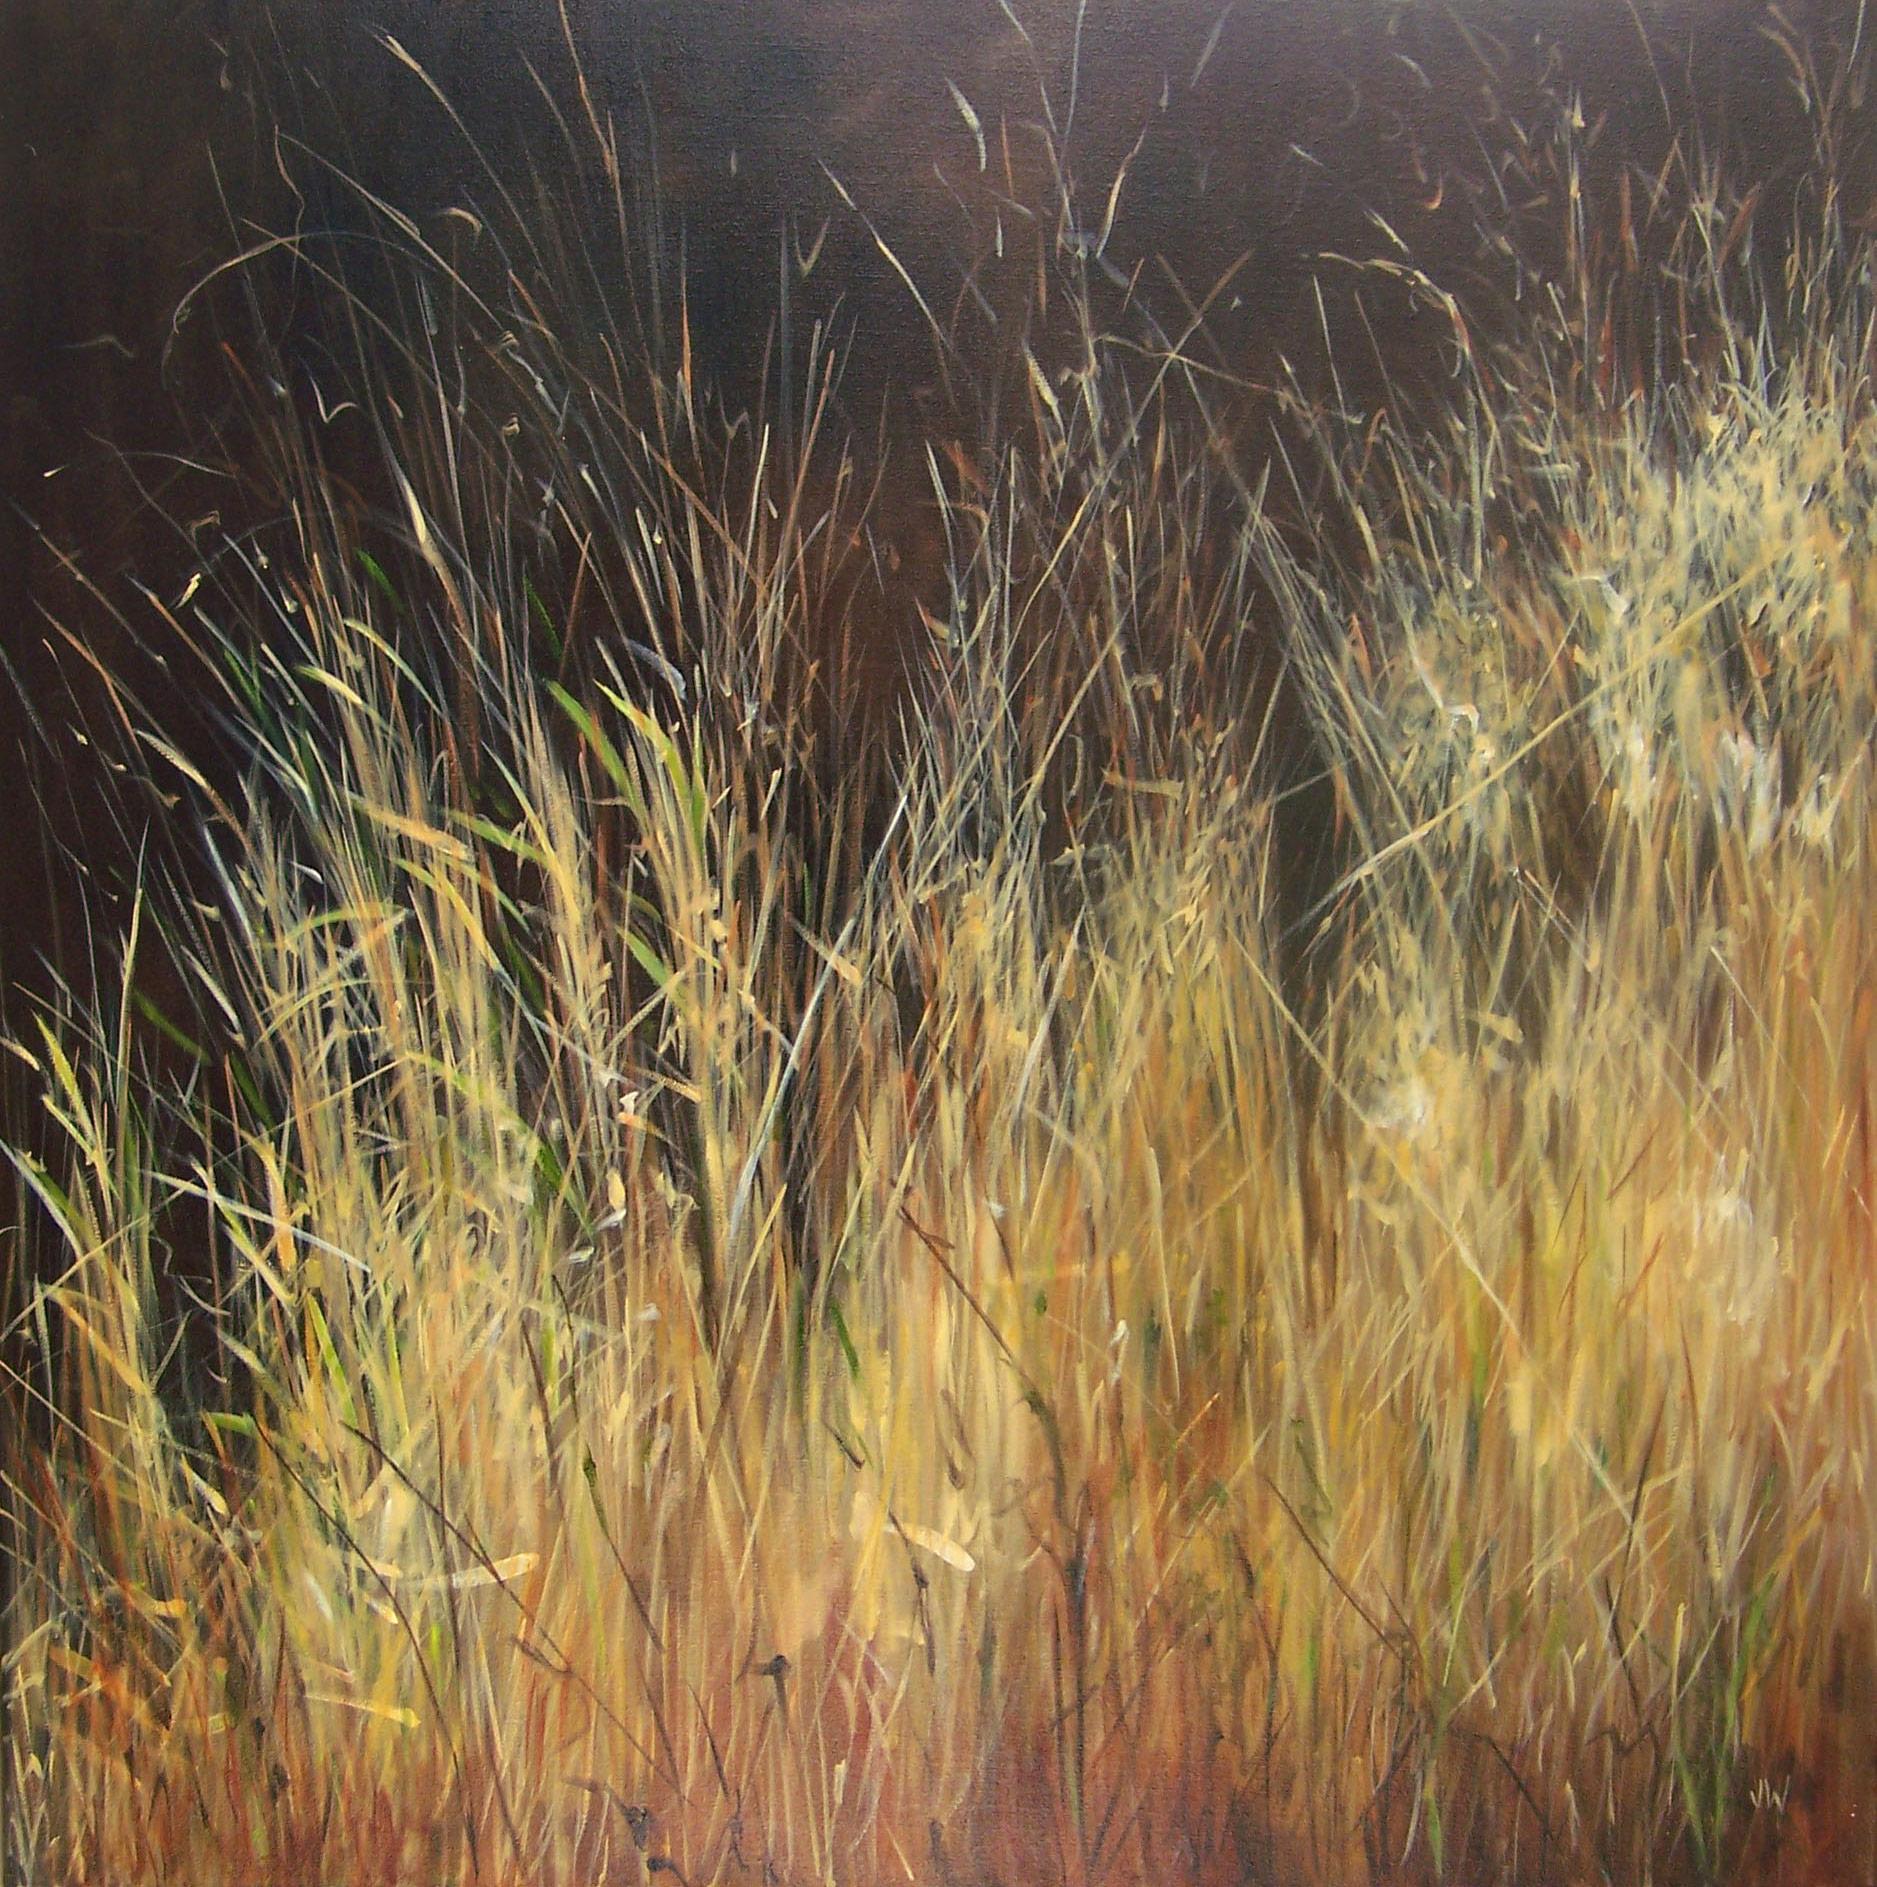 River-Grass-36x36.jpg